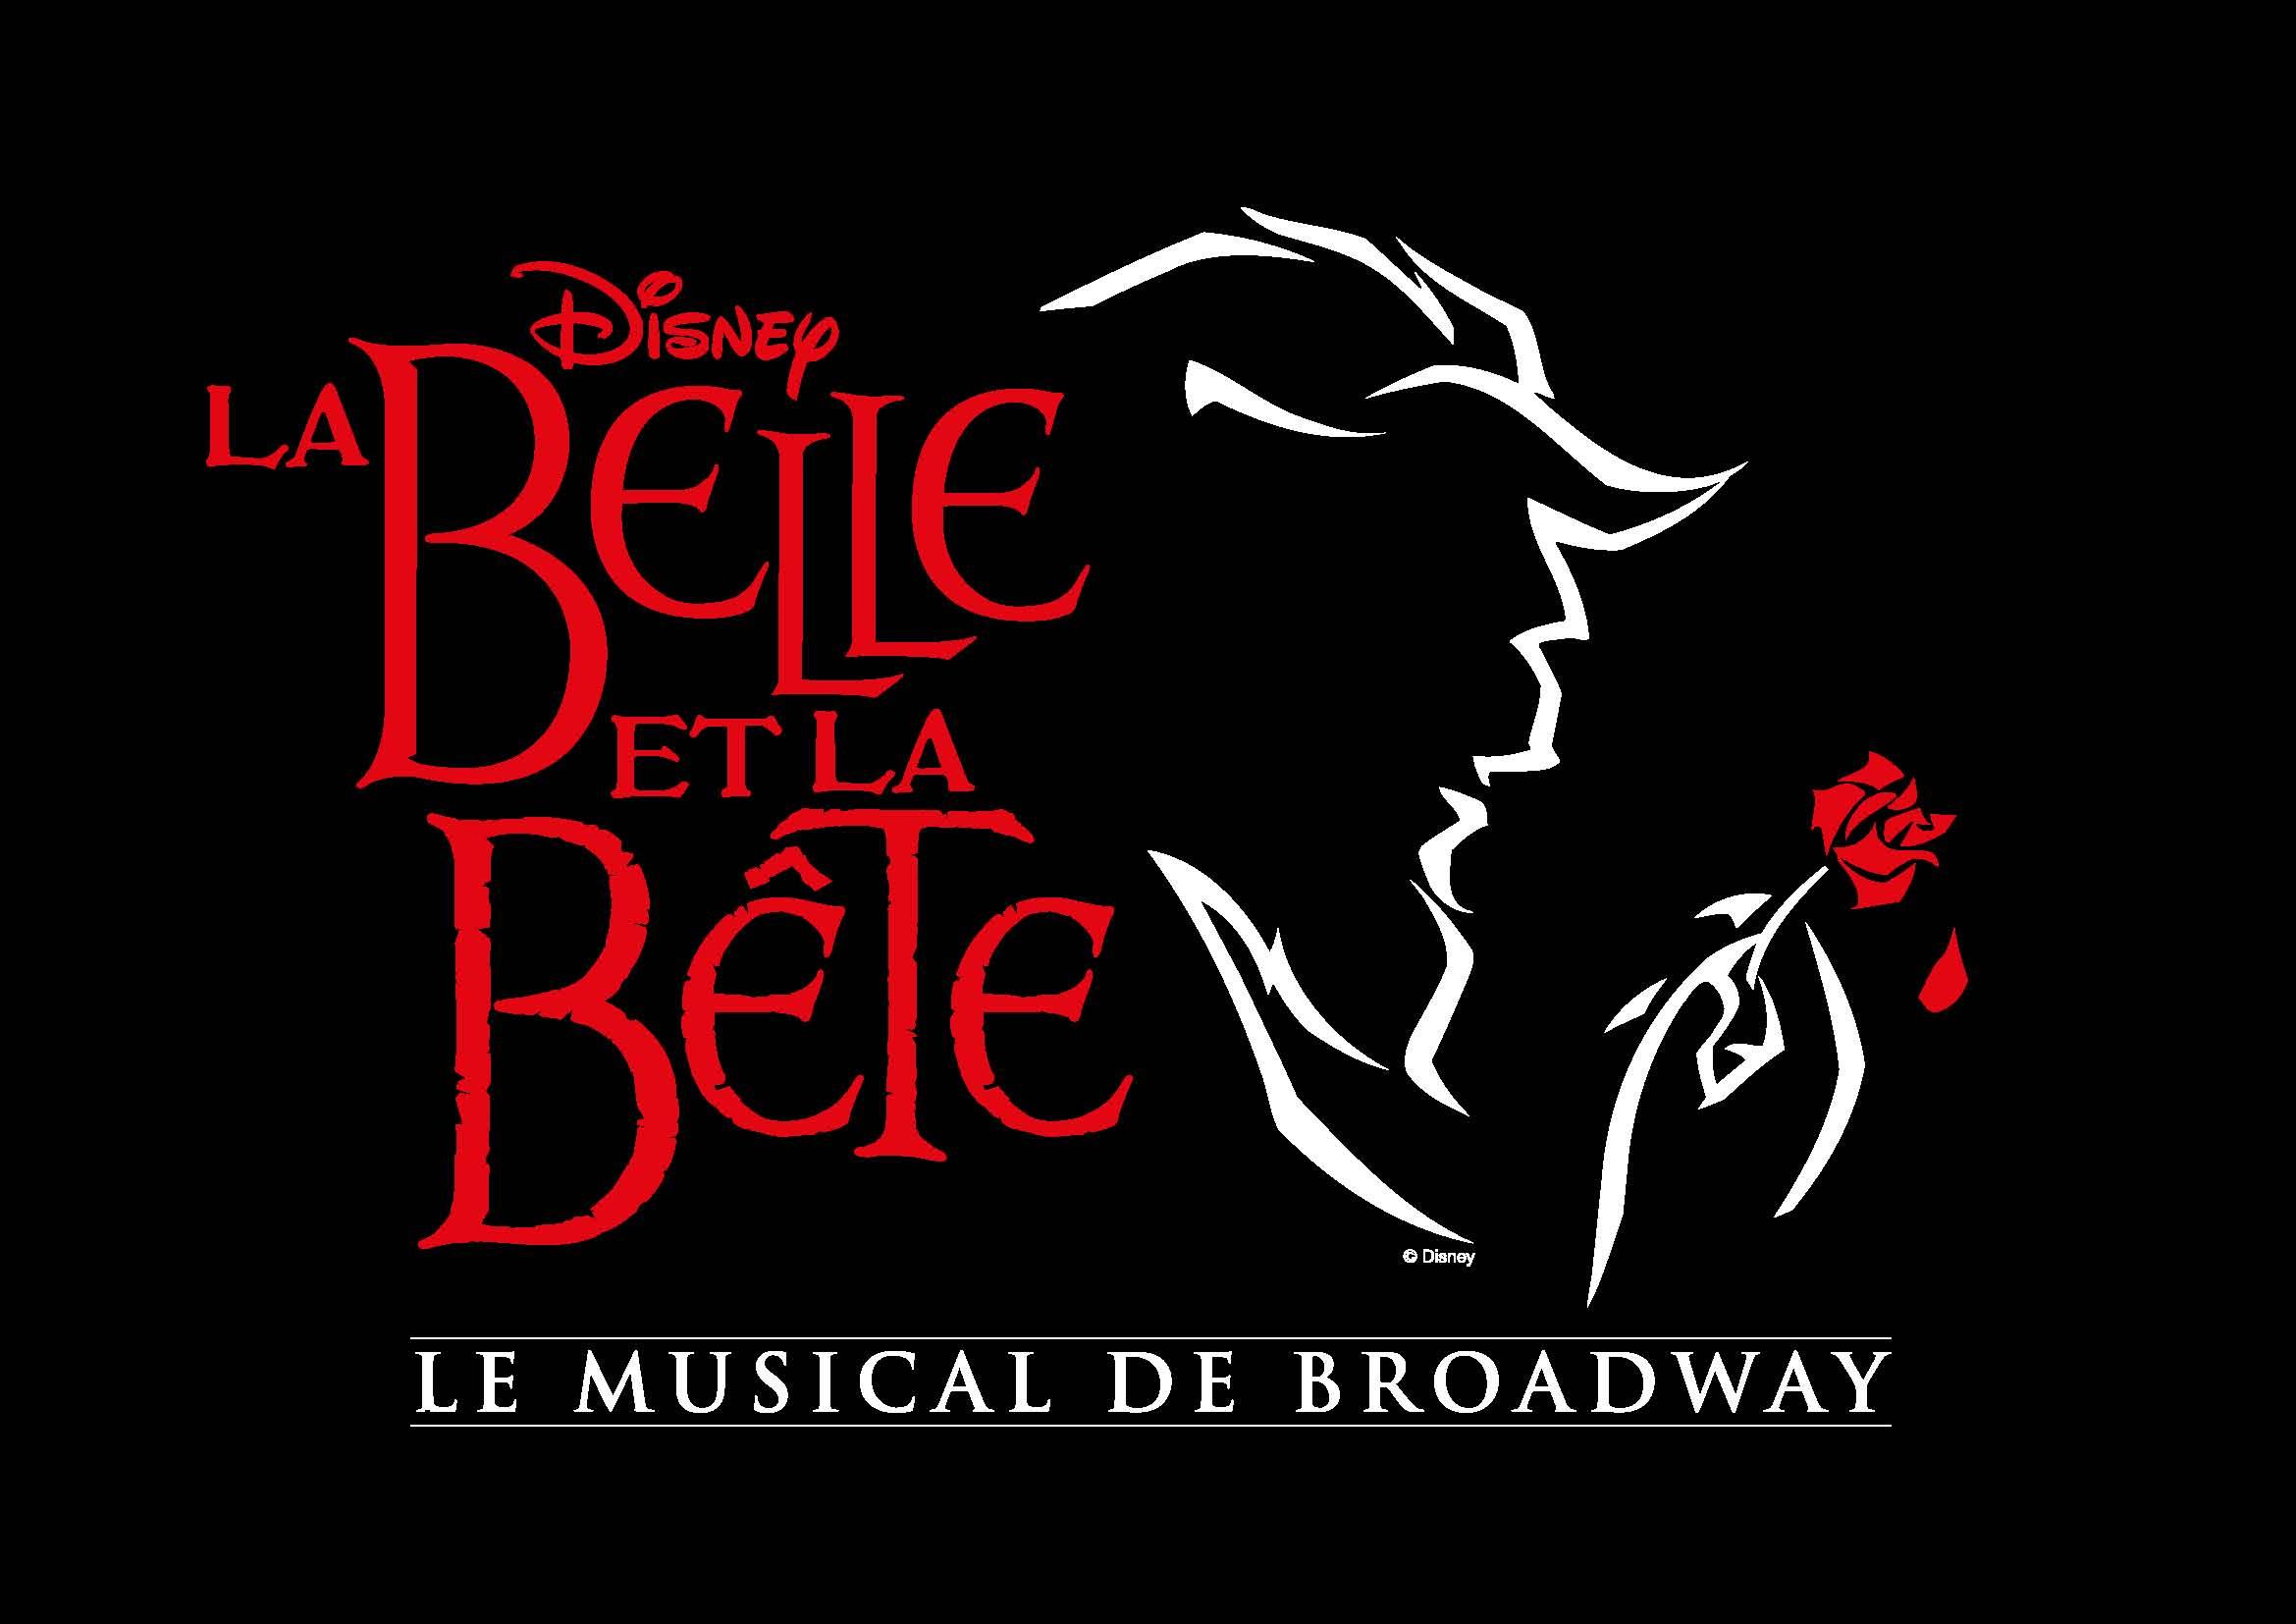 [Stage / Disney] La Belle et La Bête La-Belle-et-la-B%C3%AAte-Le-musical-de-Broadway-Disney